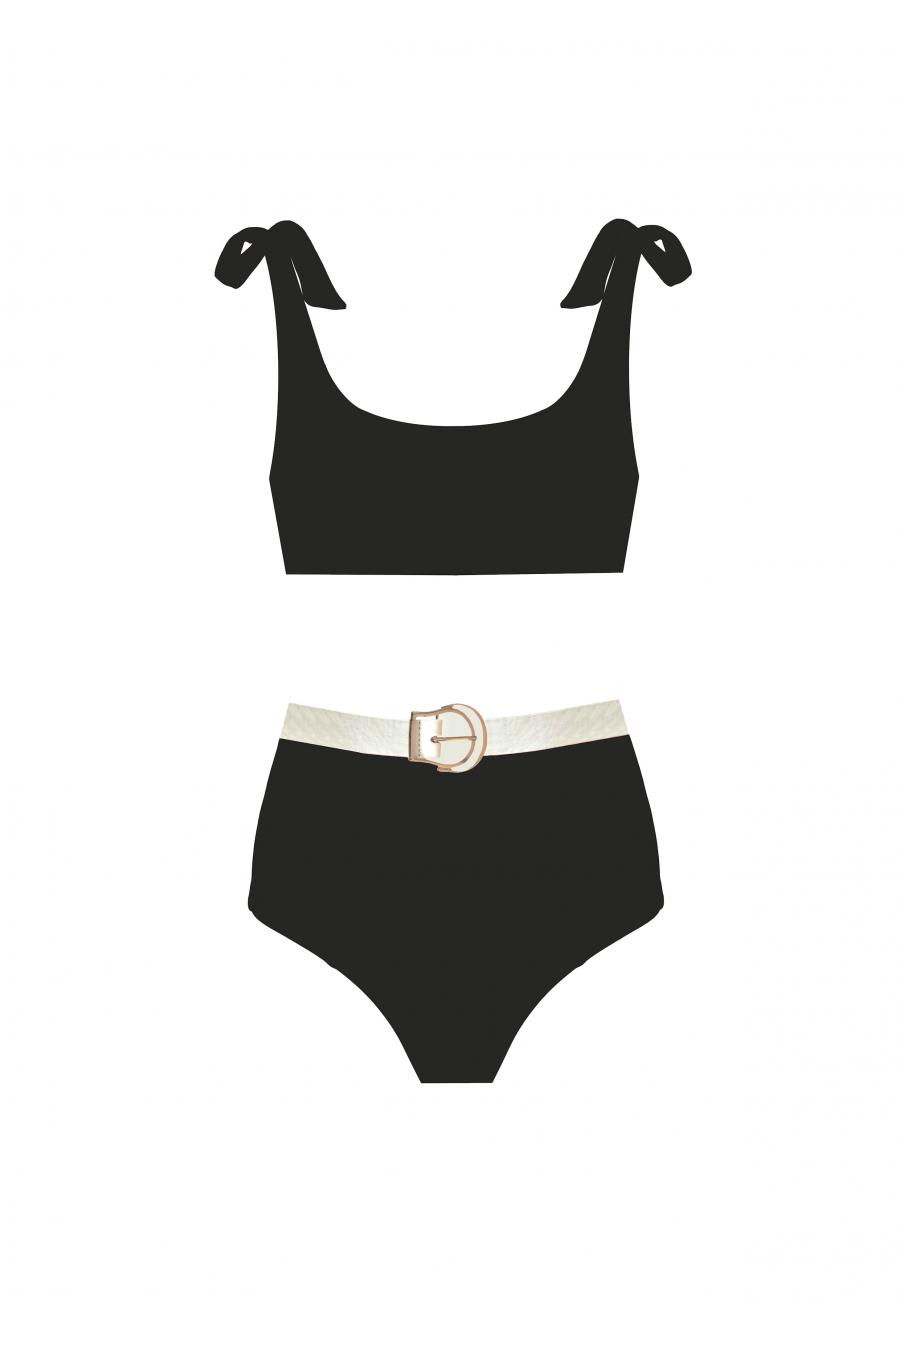 Rachael Black Bikini